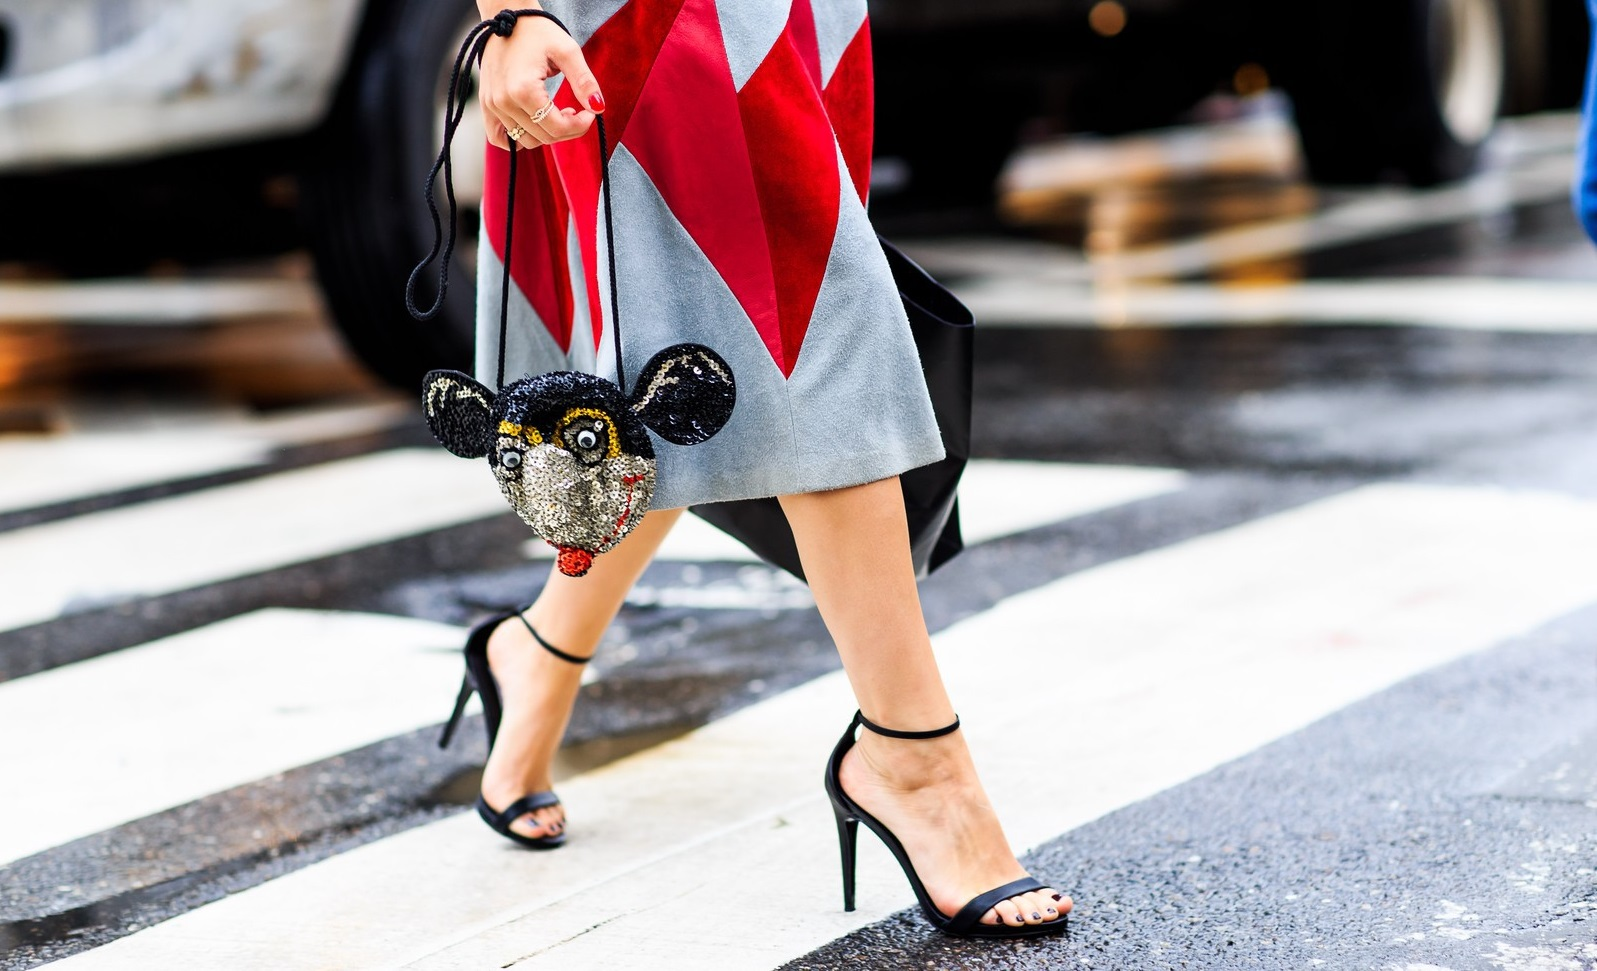 Sai abbinare i sandali ai tuoi outfit? [TEST]